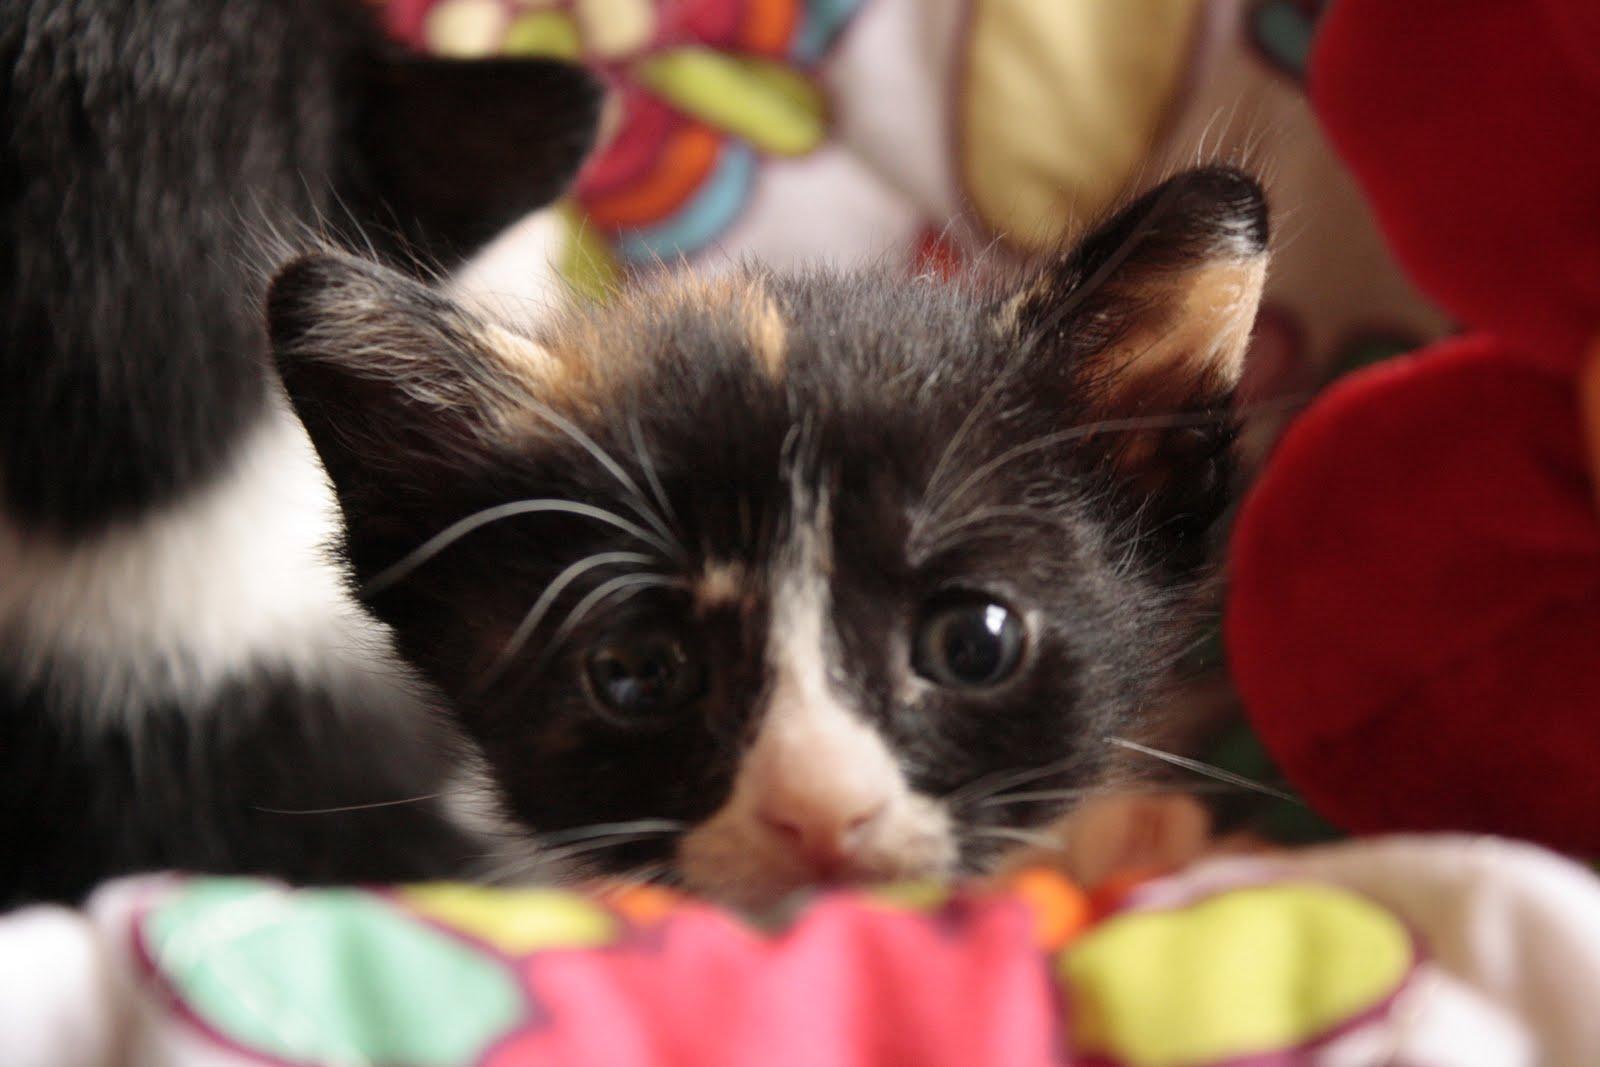 El gato malva el blog de los gatitos de la calle - Gatitos de un mes ...